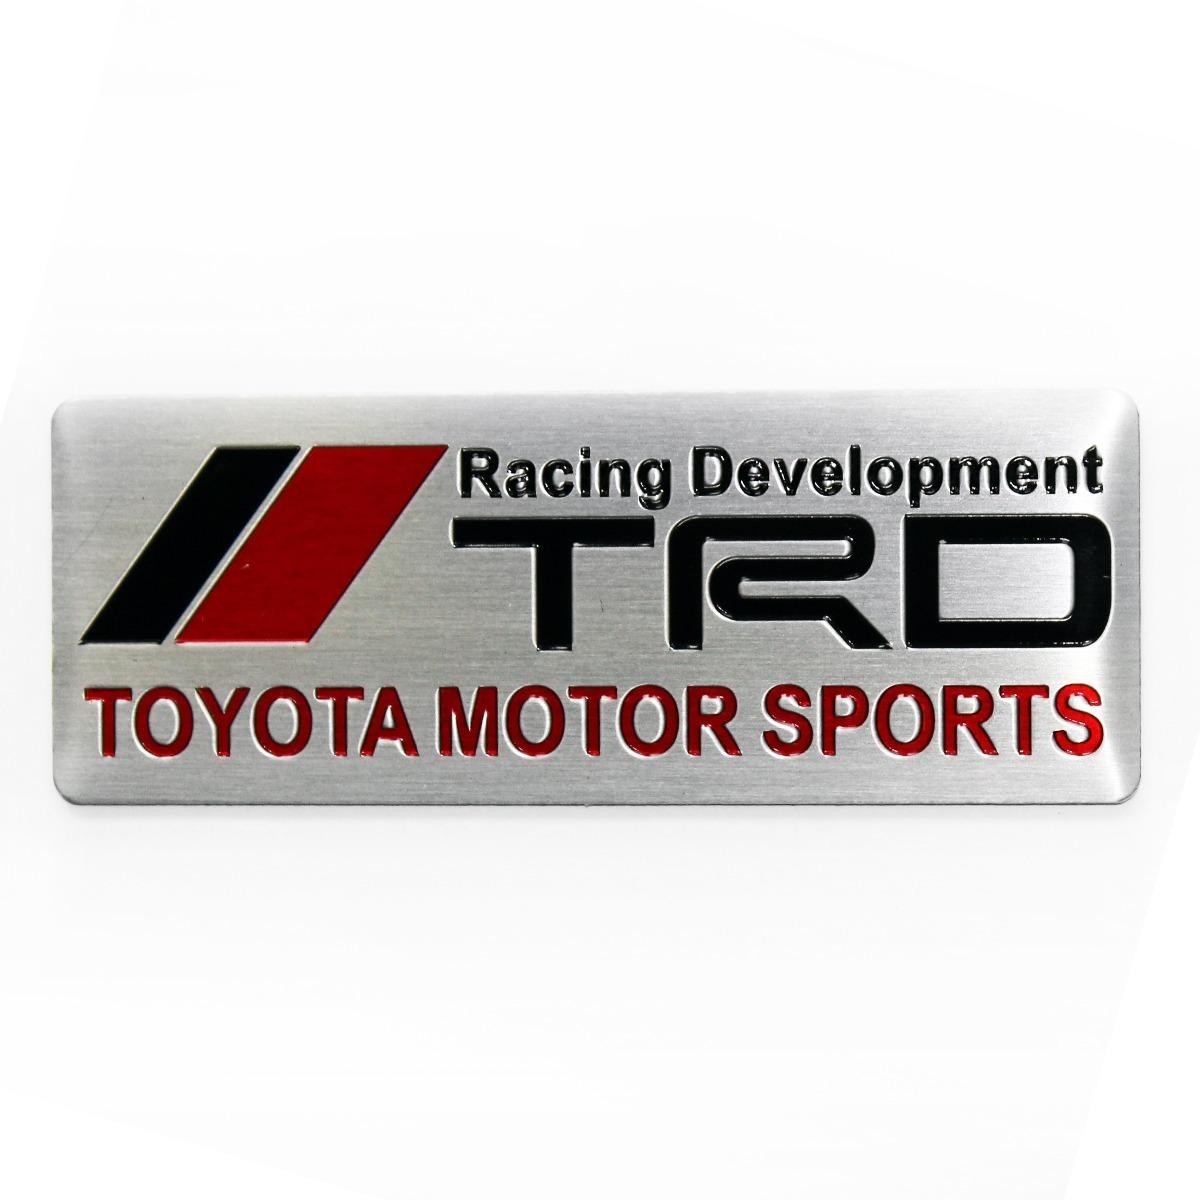 Emblema Toyota Trd Racing Development Sw4 Etios Frete Gratis R 44 99 Em Mercado Livre